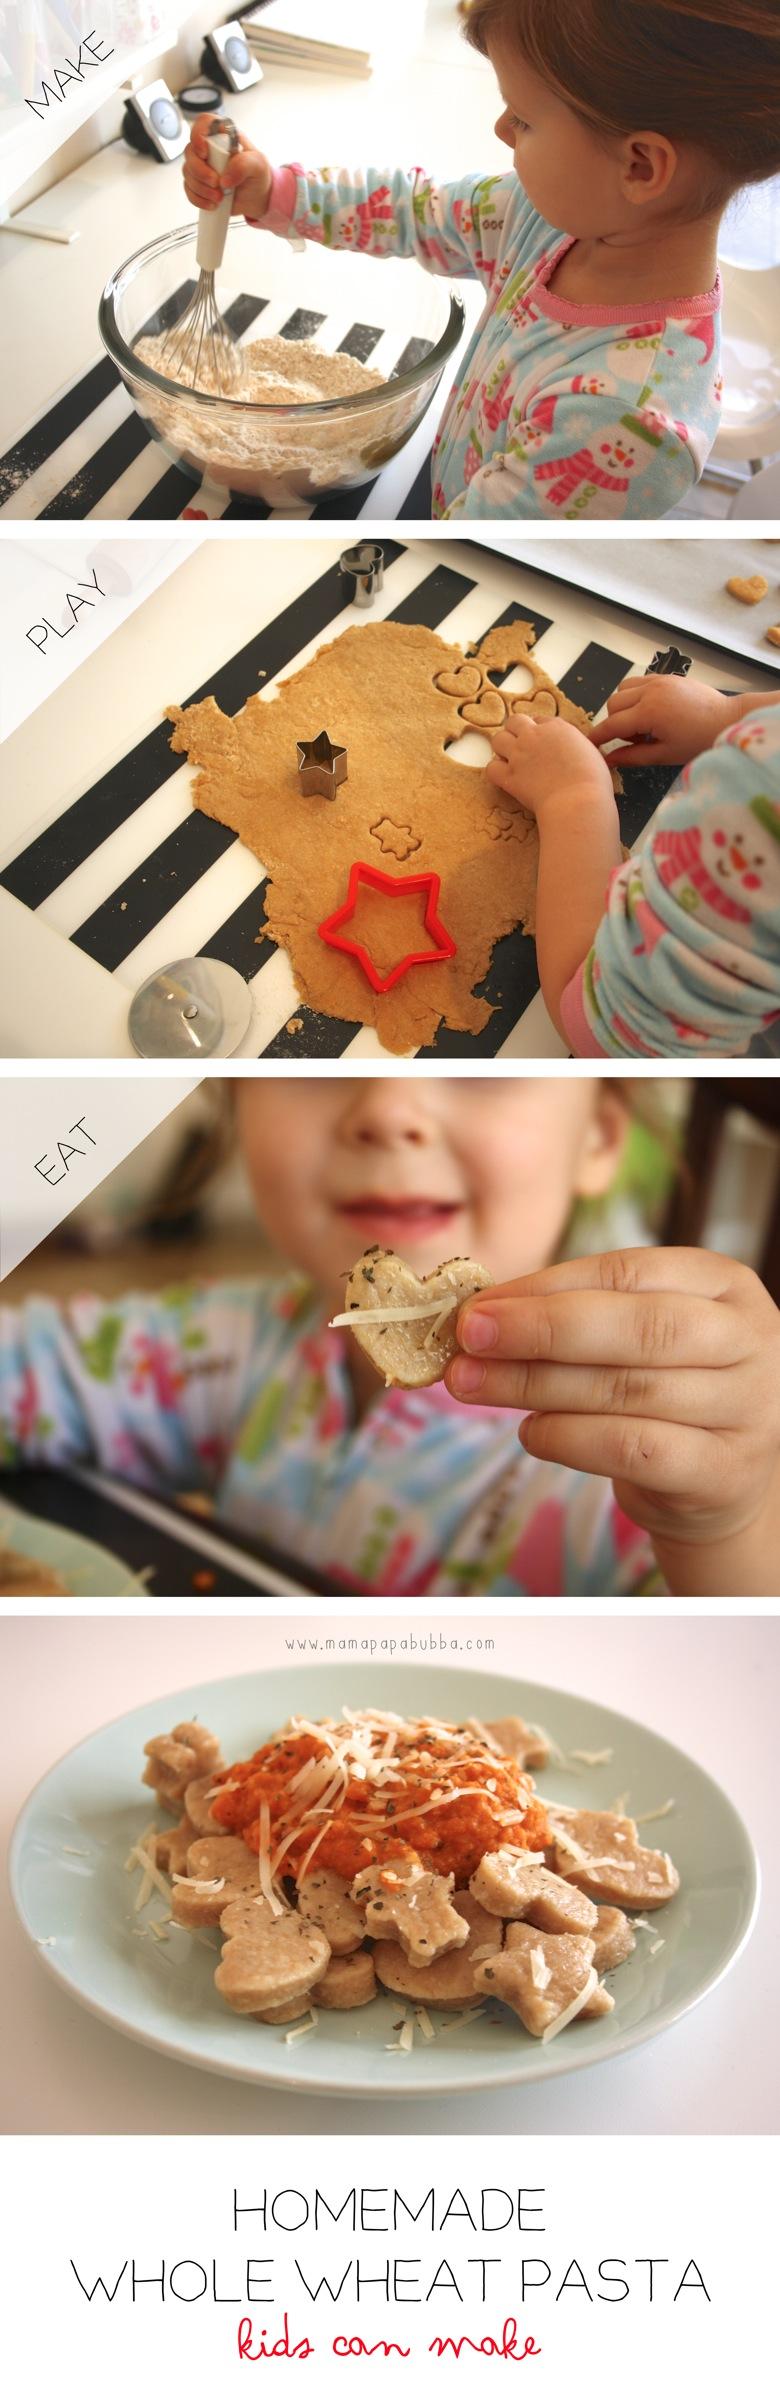 Homemade Whole Wheat Pasta Kids Can Make | Mama Papa Bubba